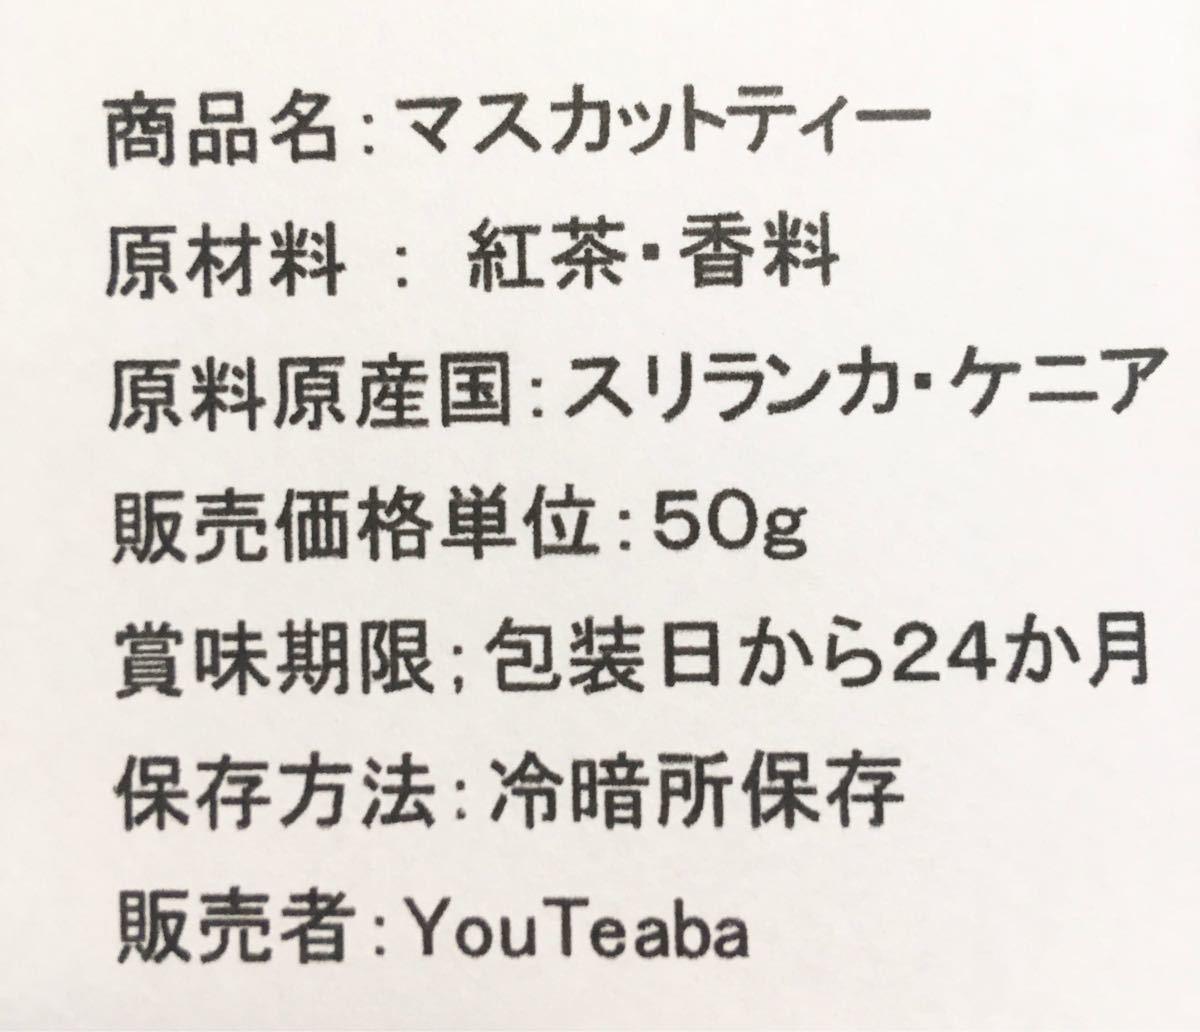 紅茶 マスカットティー【YouTeaba】100g  45杯 シャンパンの様な香り ホット 水出しアイス by-YouCoffee